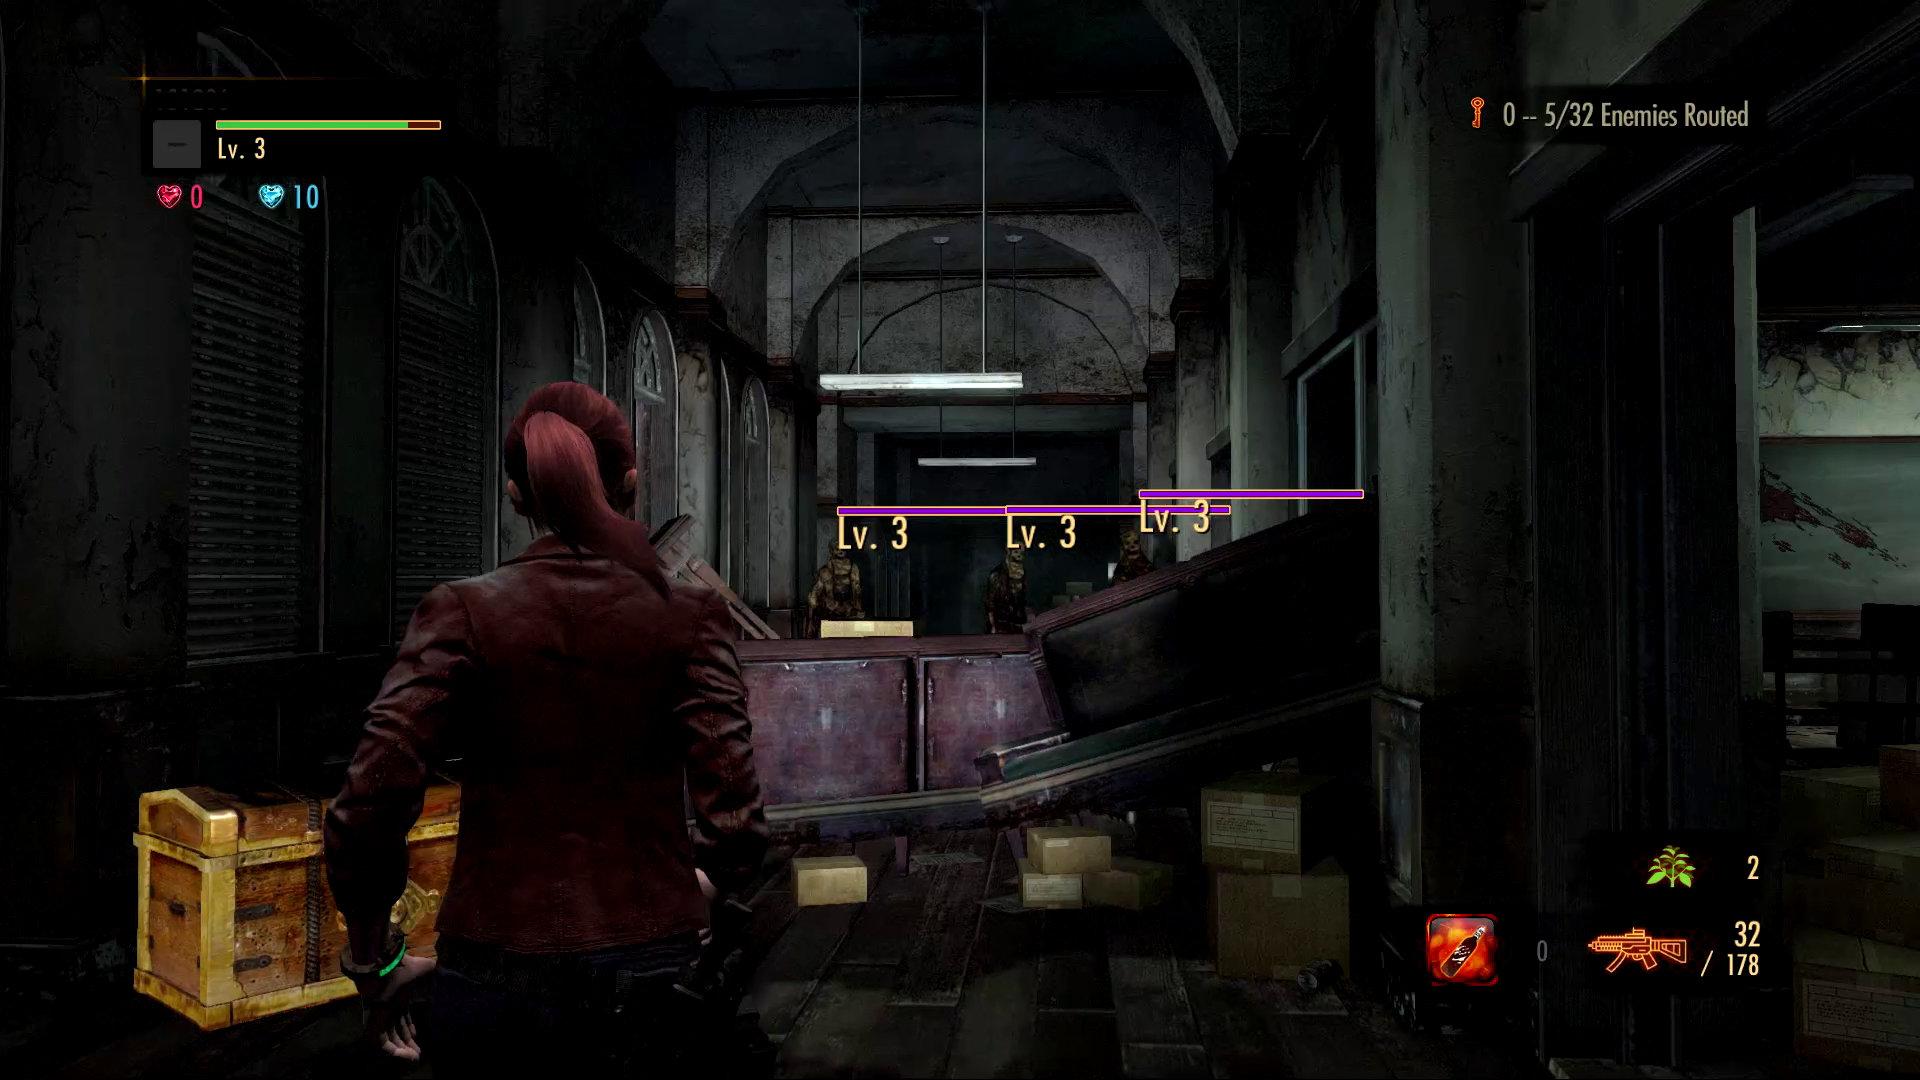 Resident evil 3 psp save data